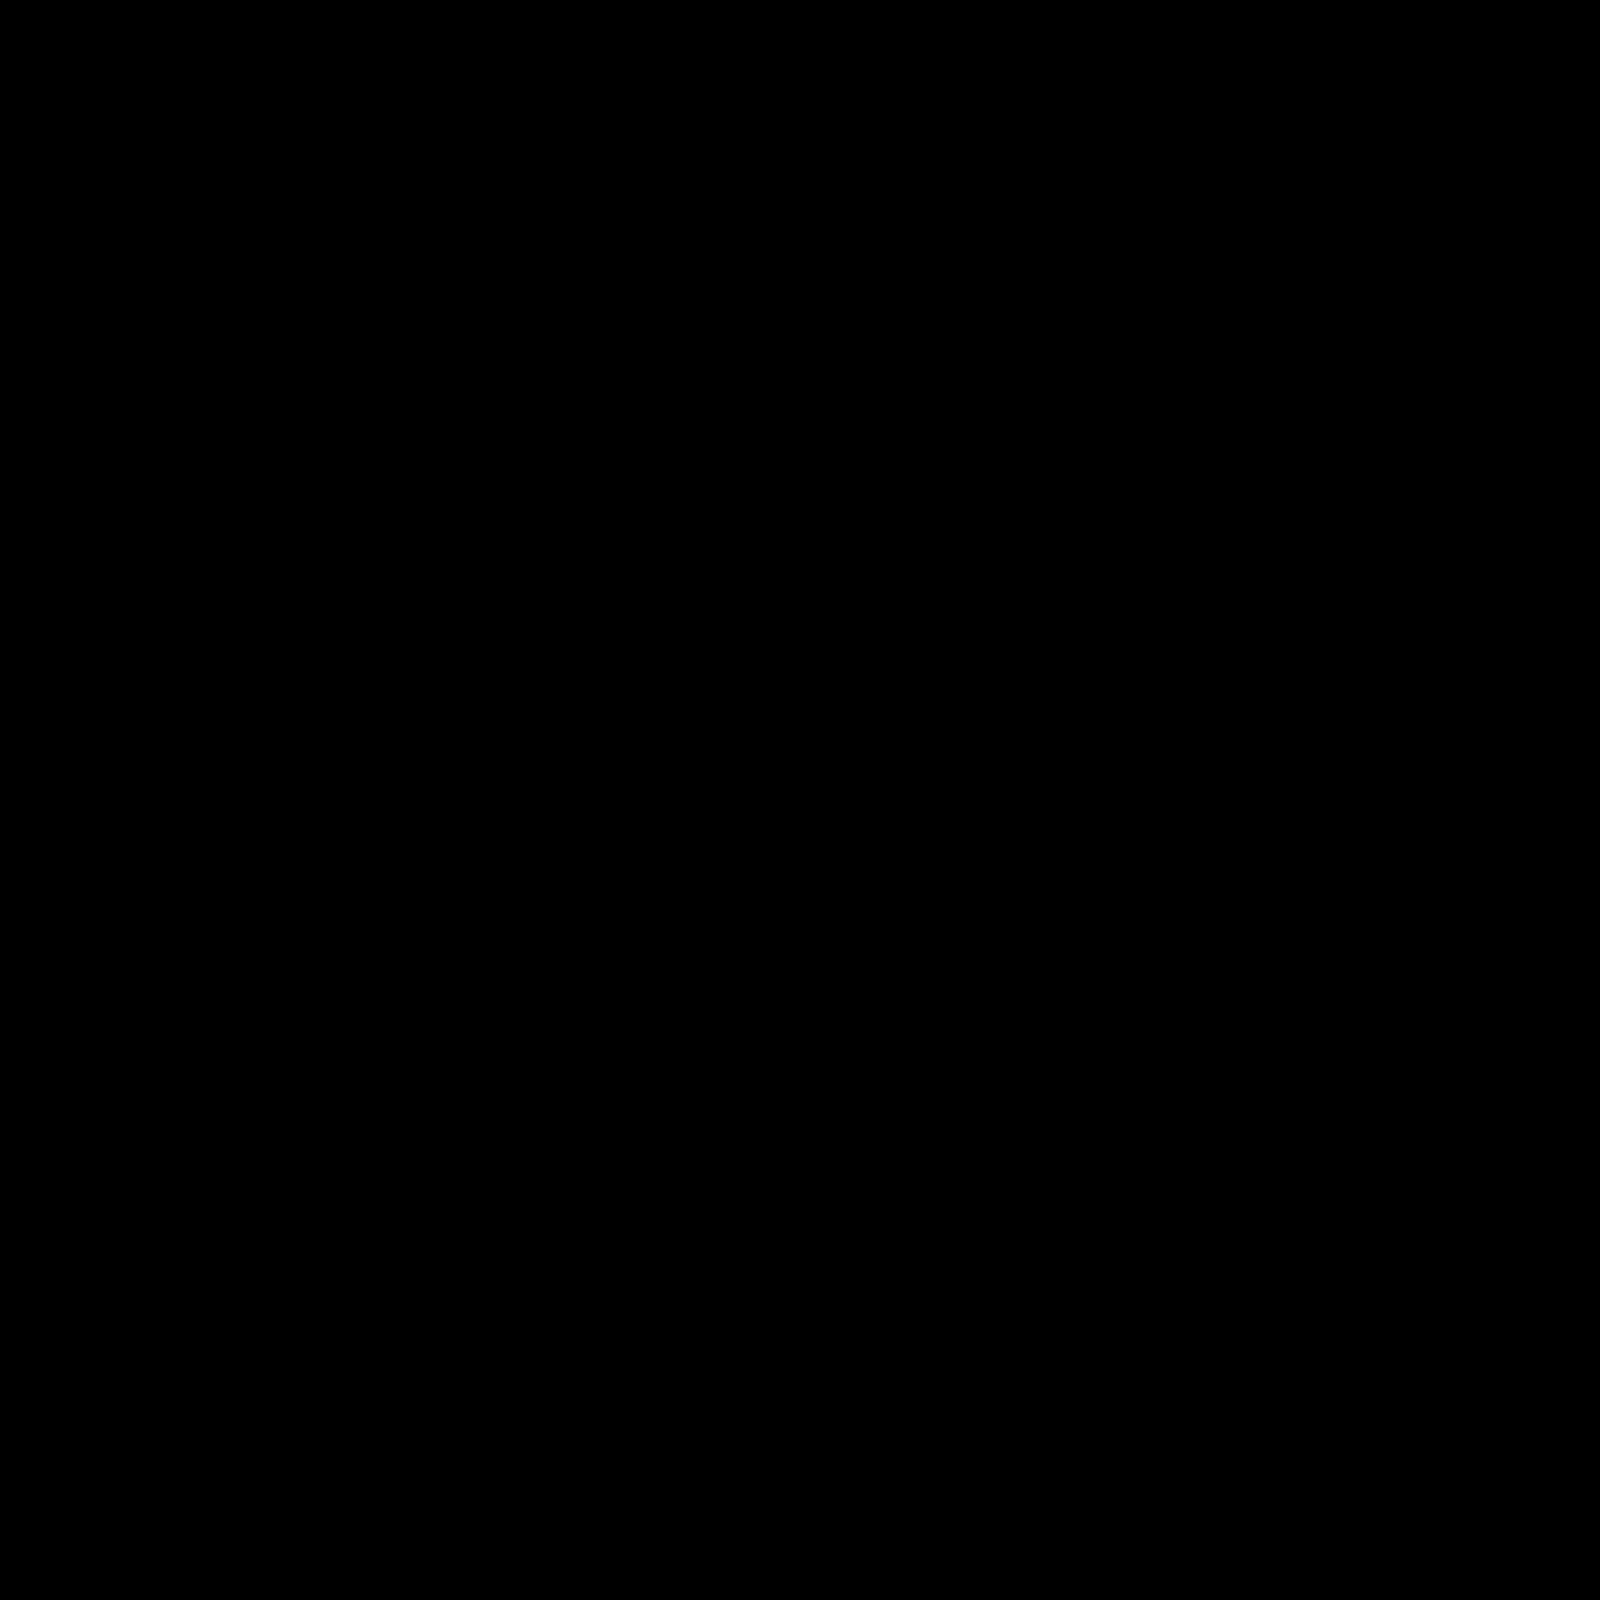 X ray computer icons. Xray clipart dog xray